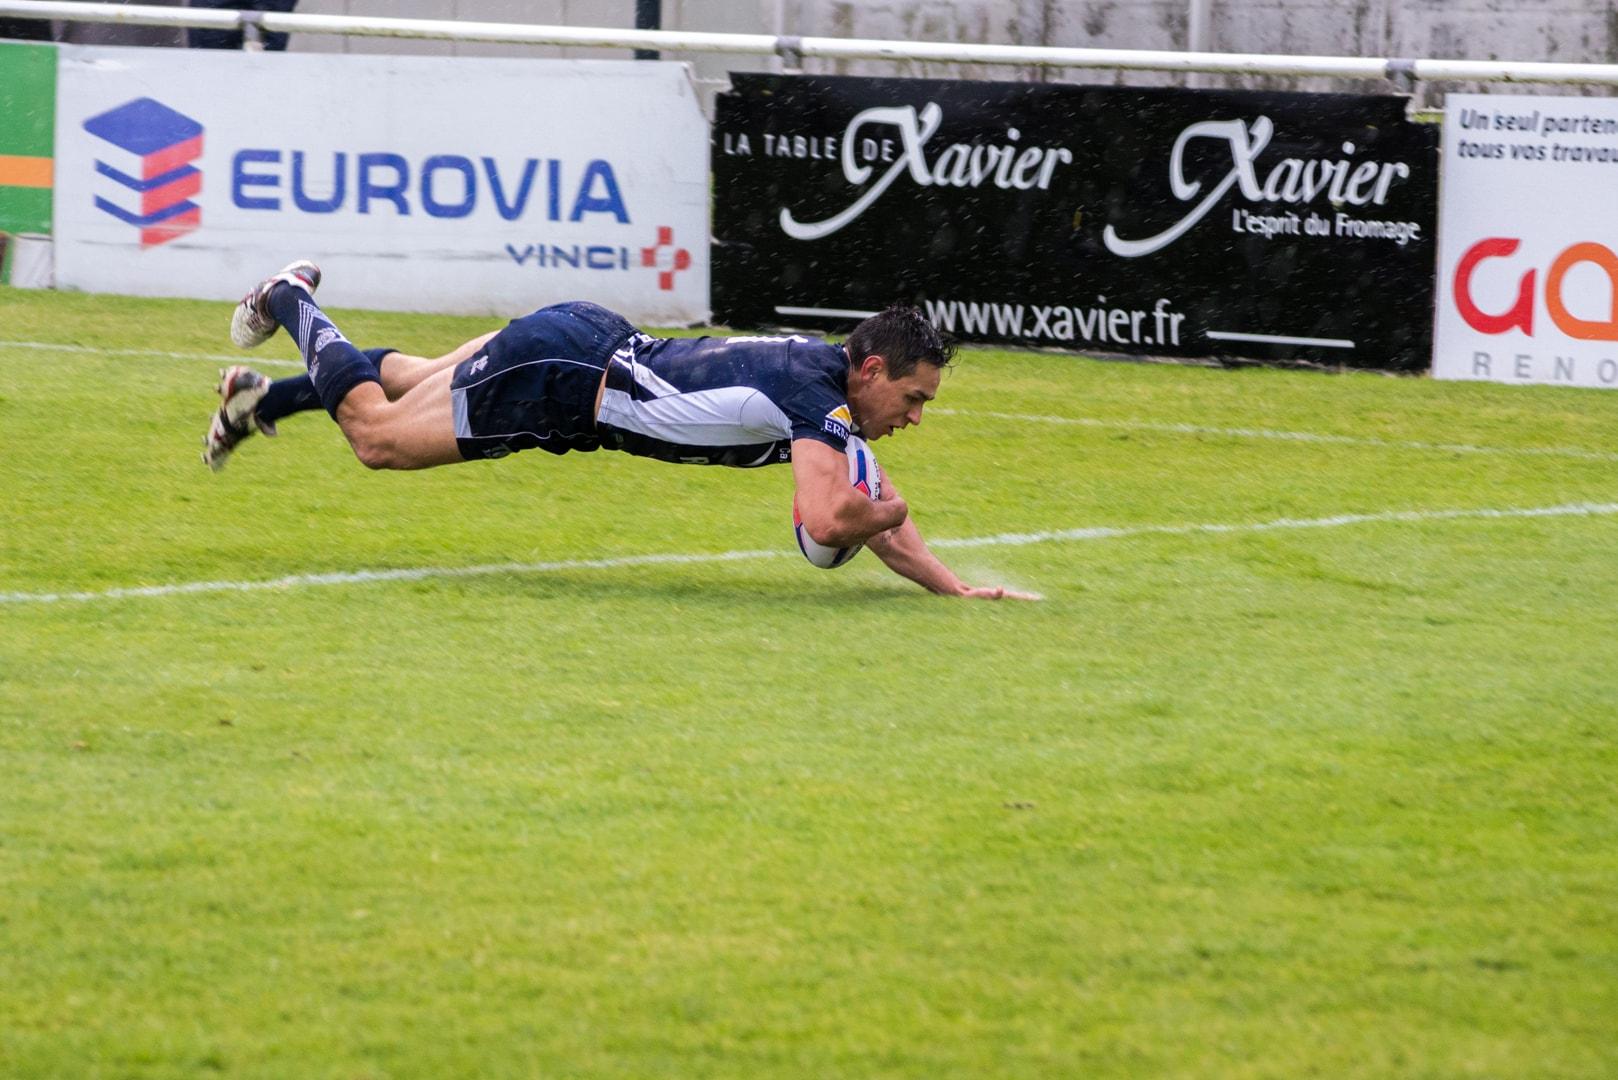 Photo d'un essai lors de la demi finale du championnat de France de Rugby à XIII, Toulouse - Villeneuve 19